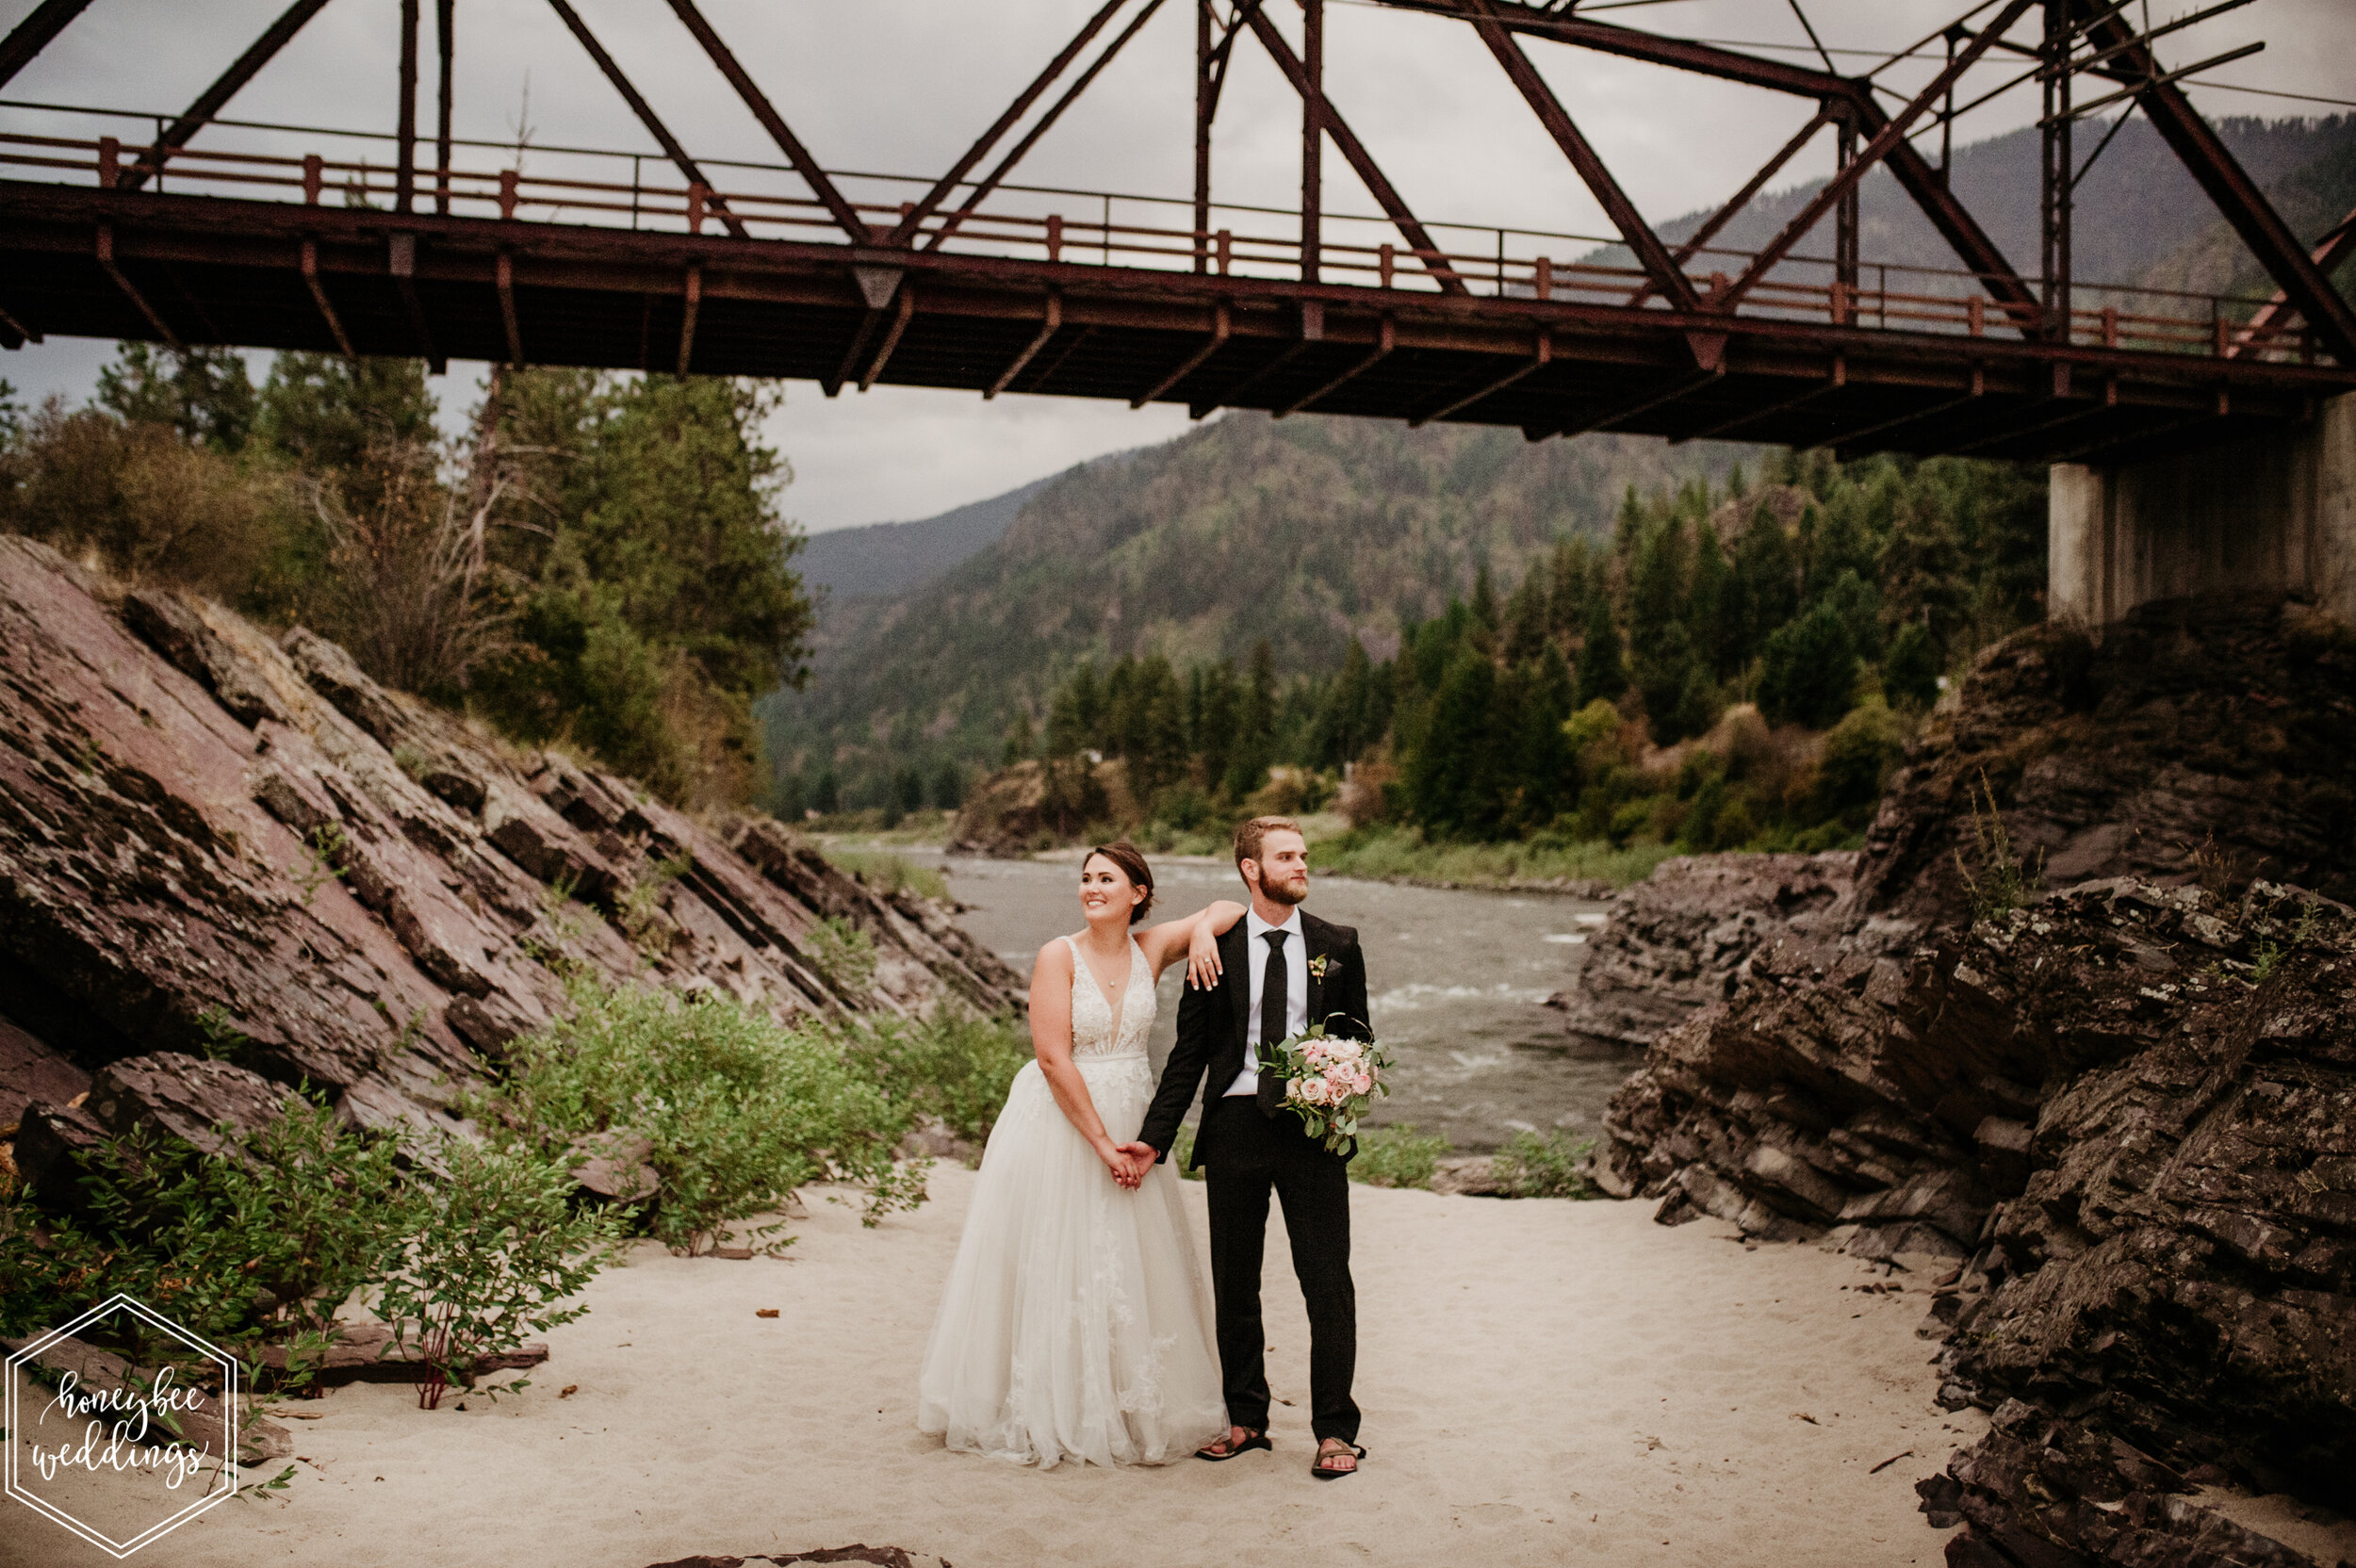 134White Raven Wedding_Montana Wedding Photographer_Corey & Corey_Honeybee Weddings_September 06, 2019-1880.jpg